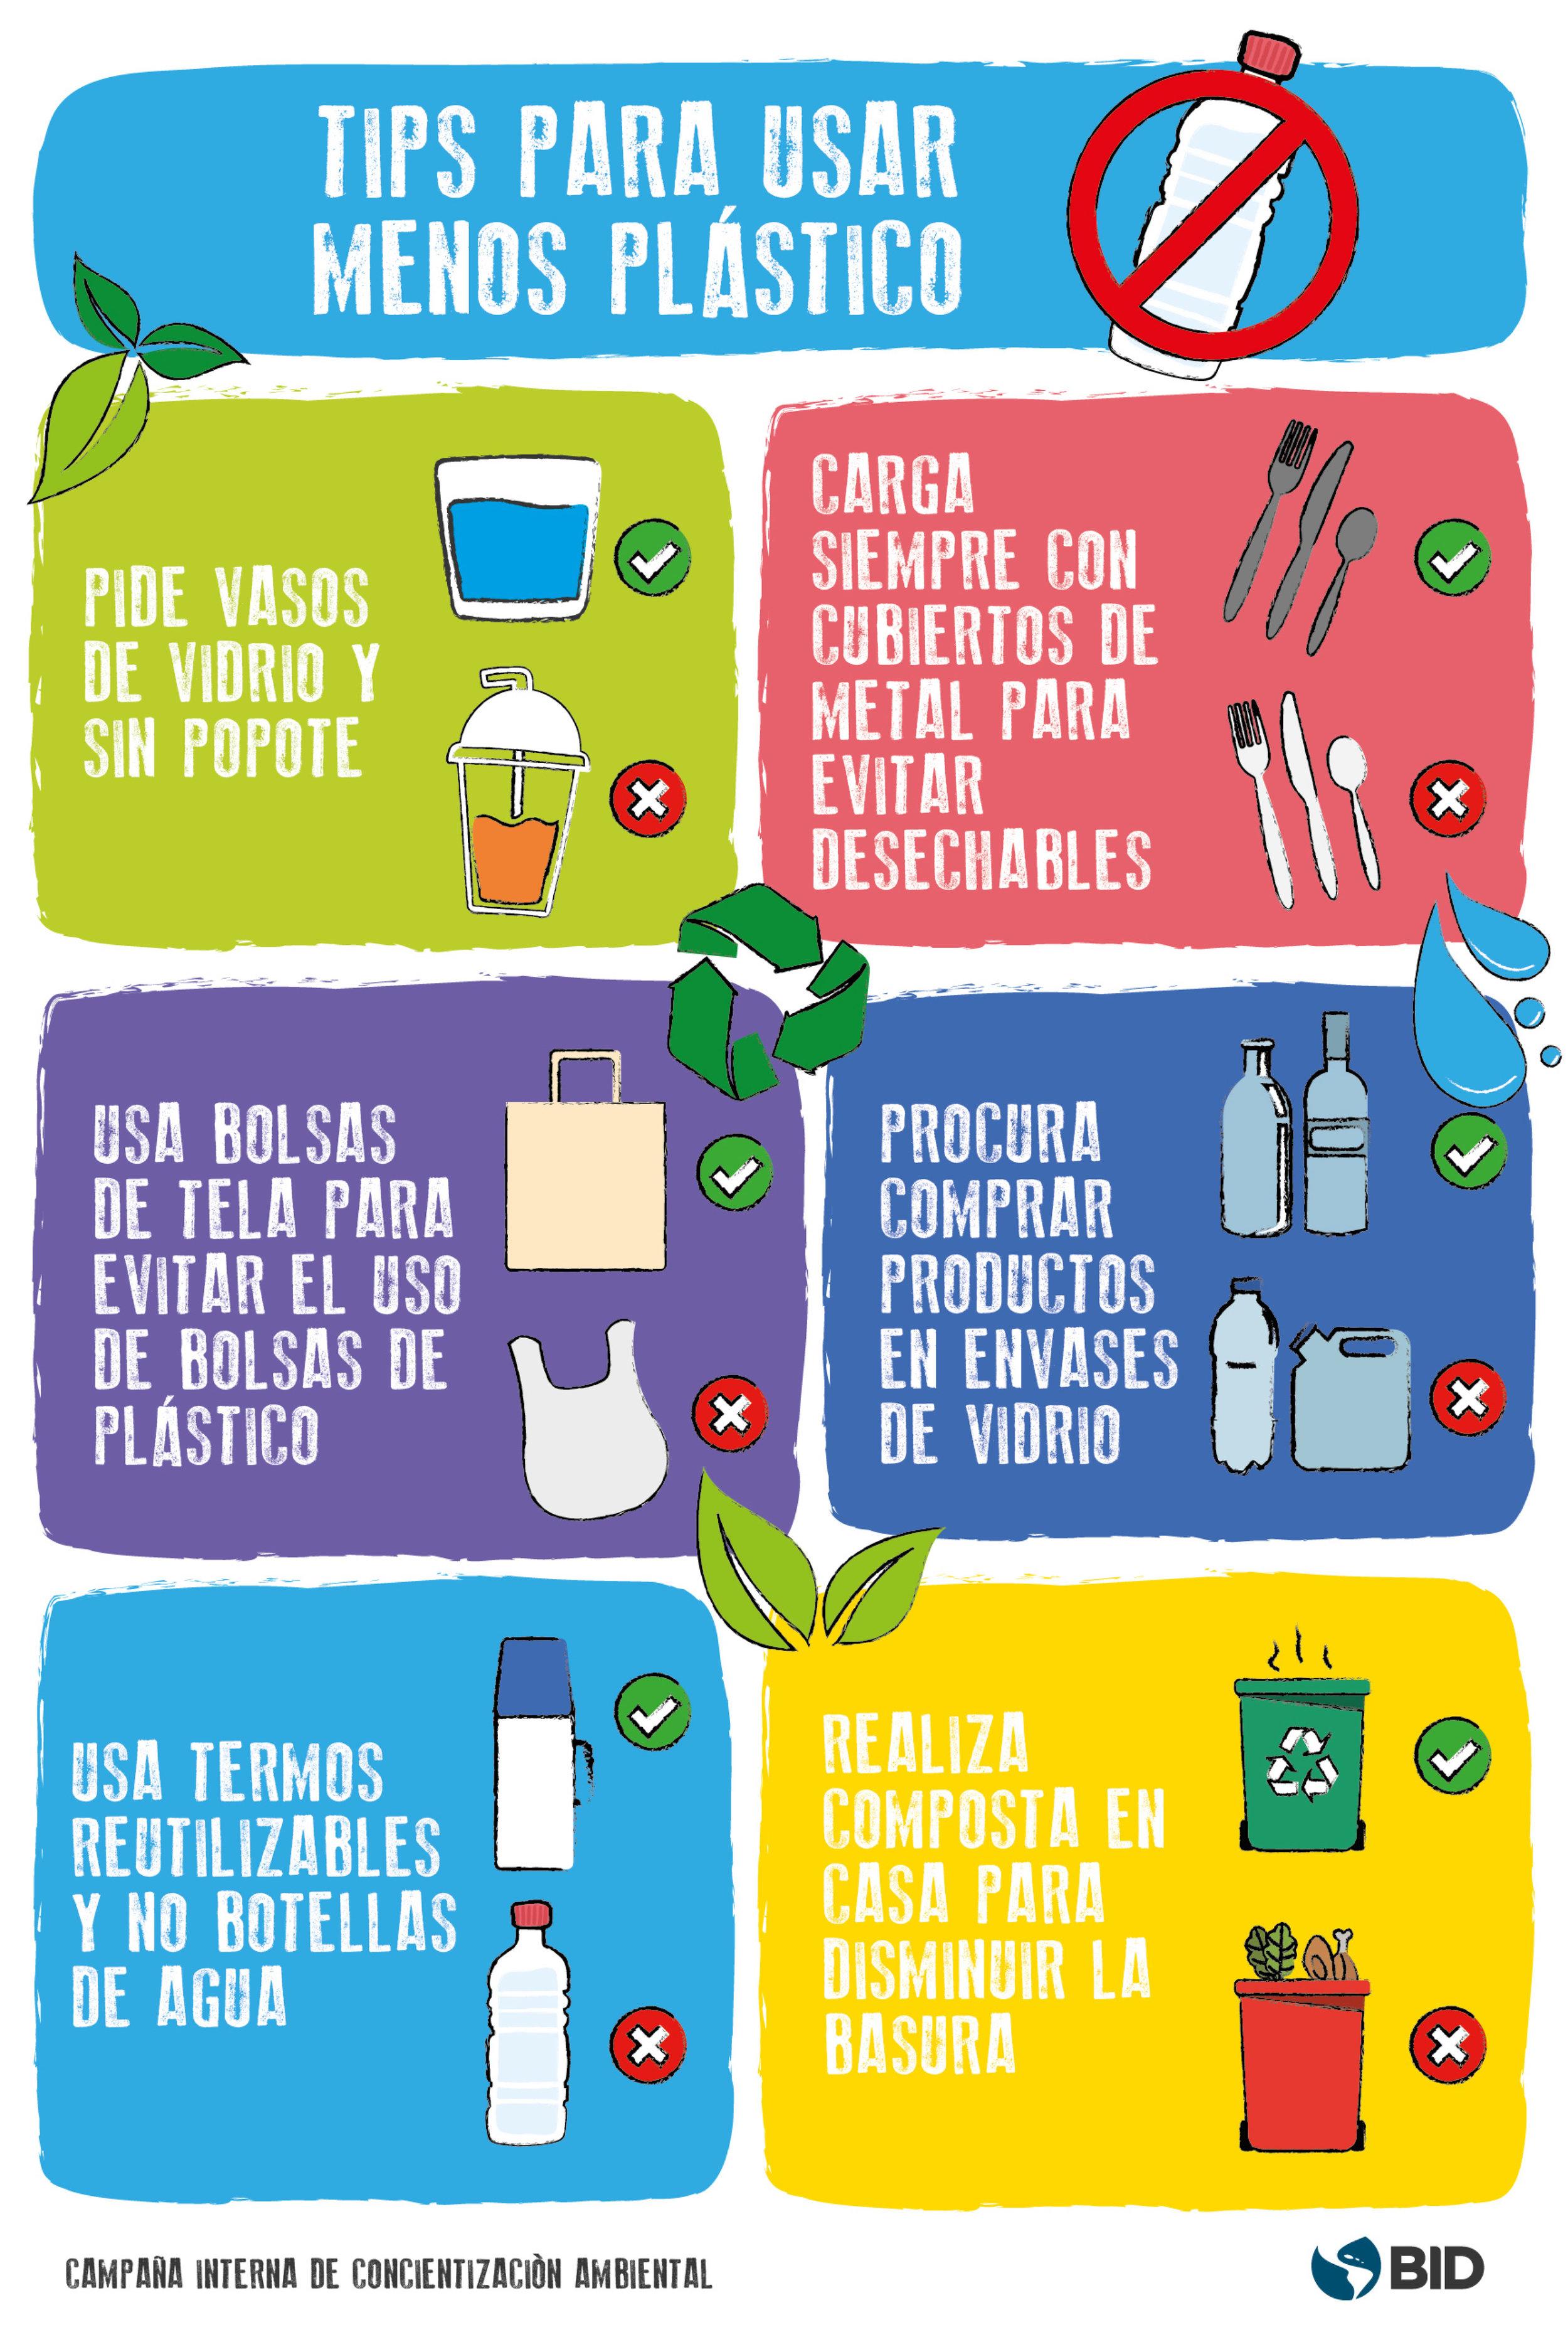 Campaña medio ambiente - Completa-8.jpg